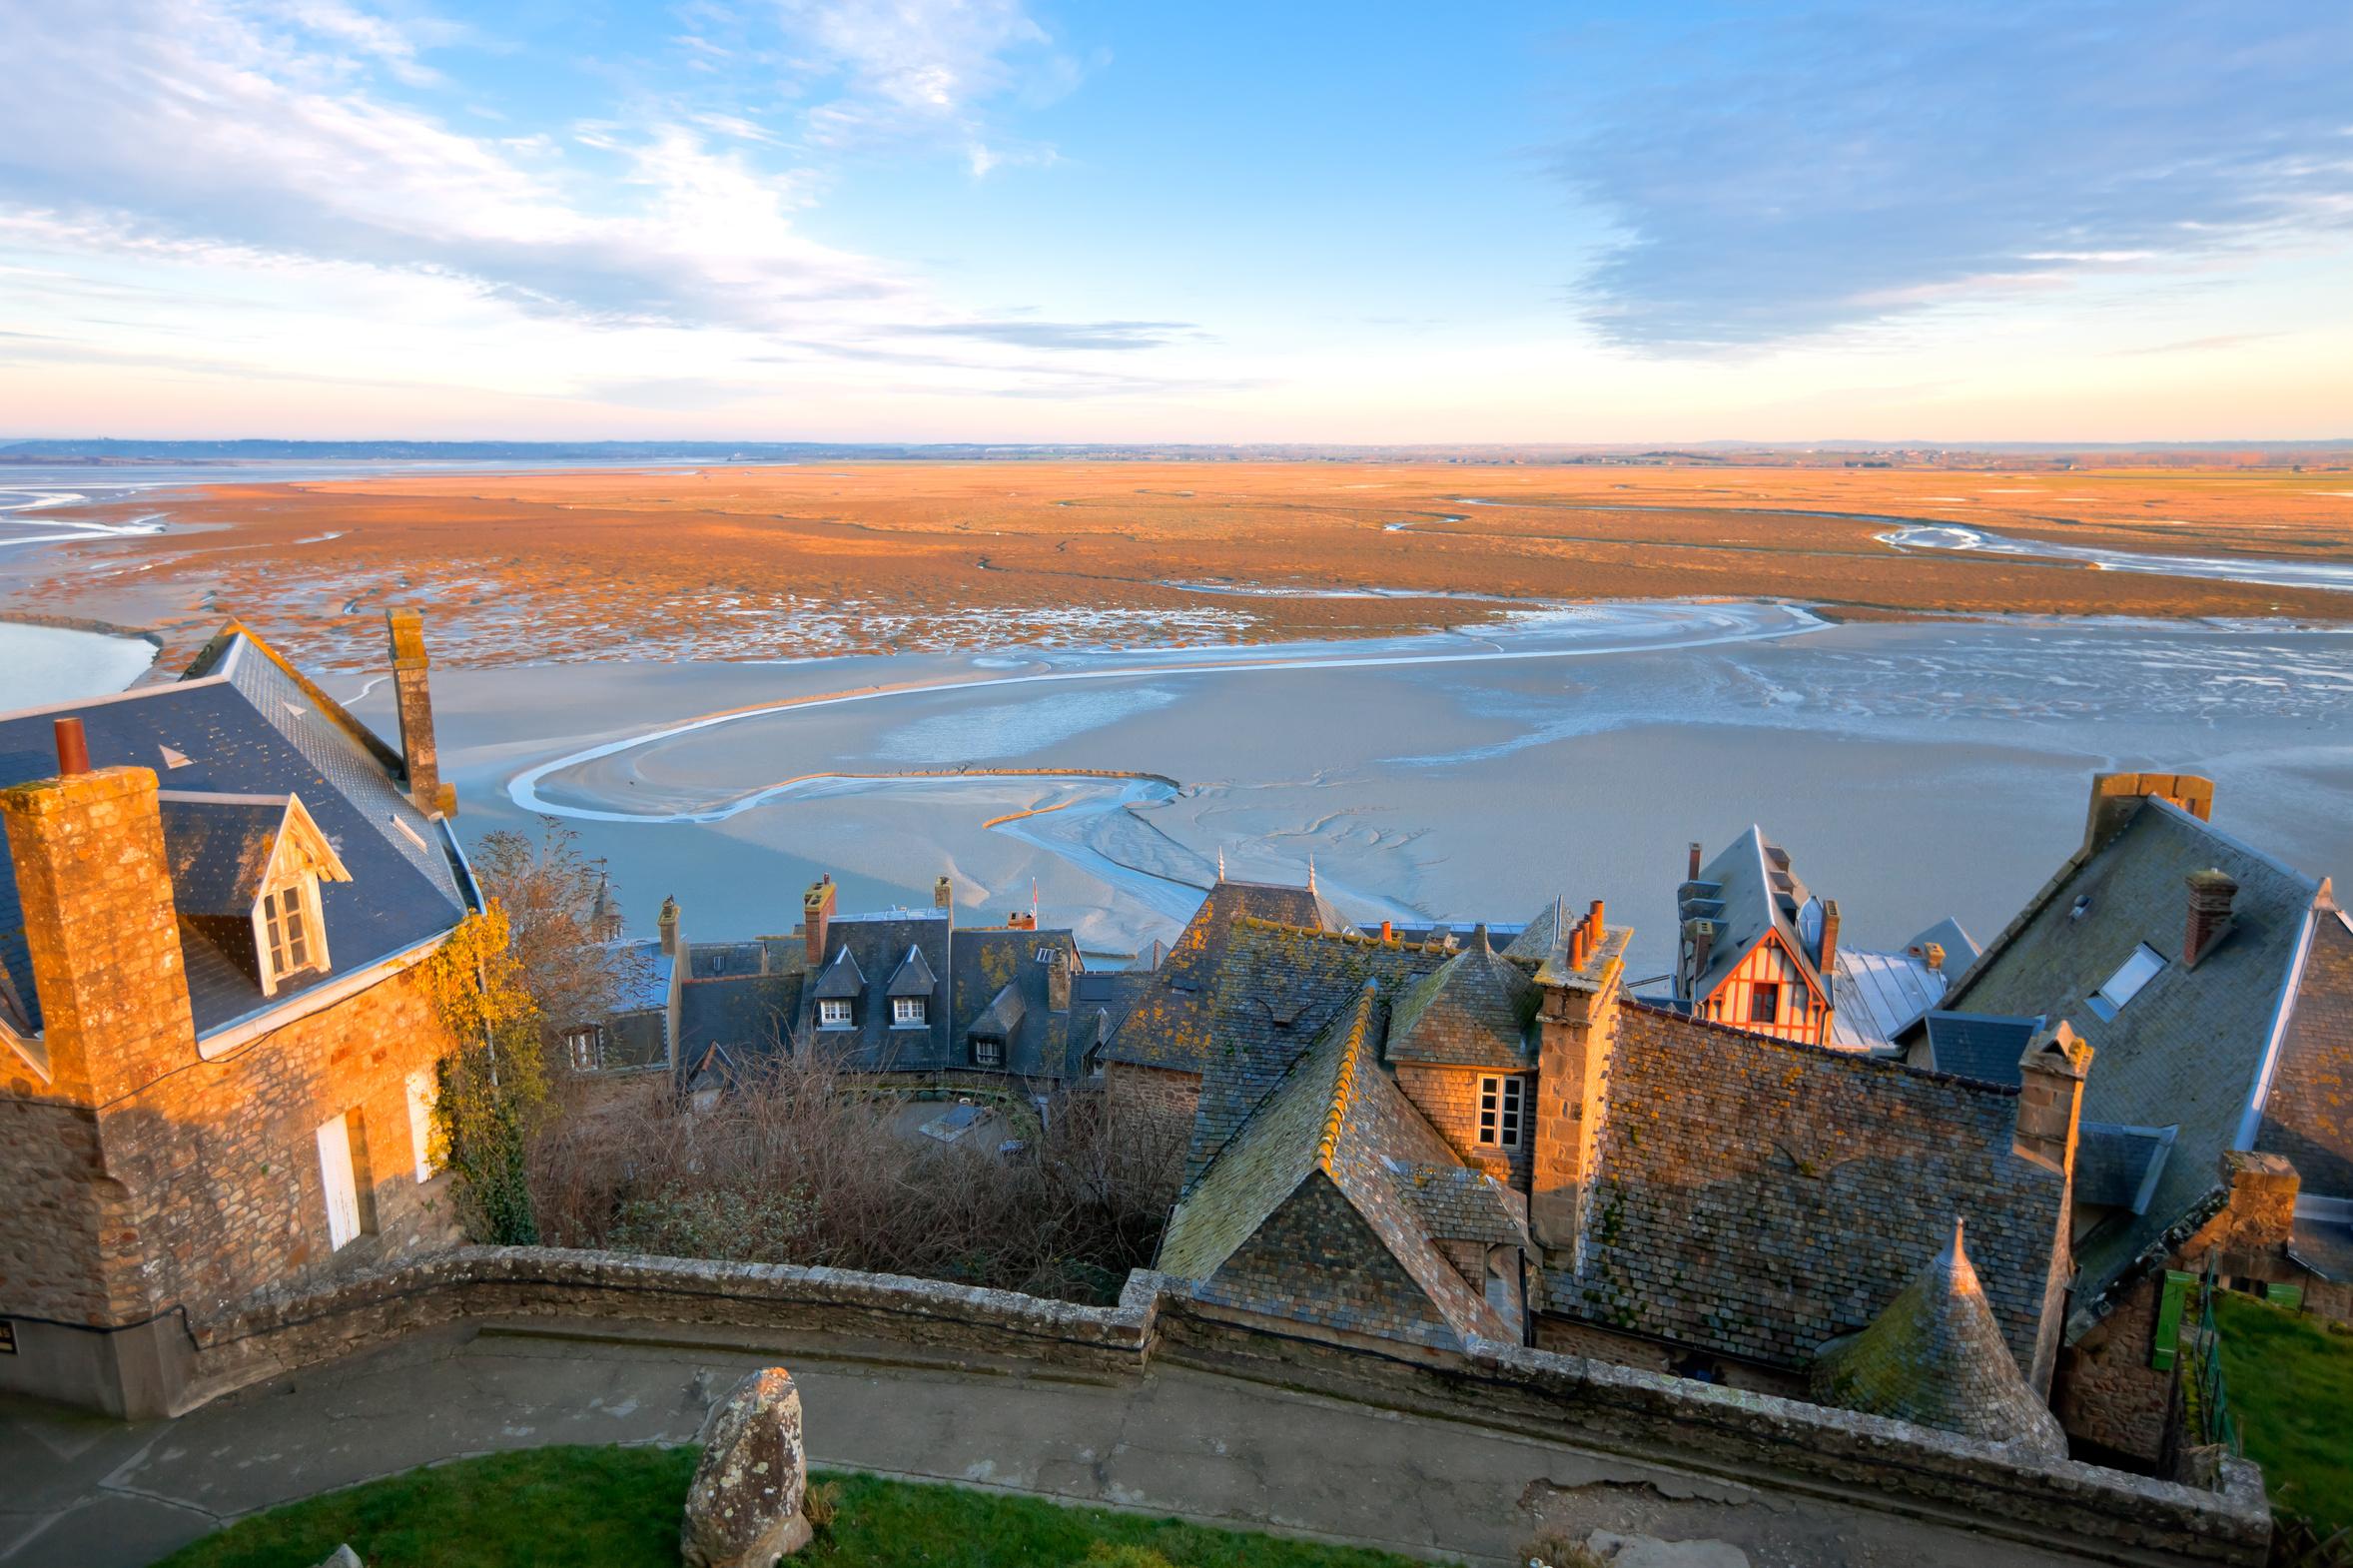 Le mont-Saint-michel et sa baie Normandie